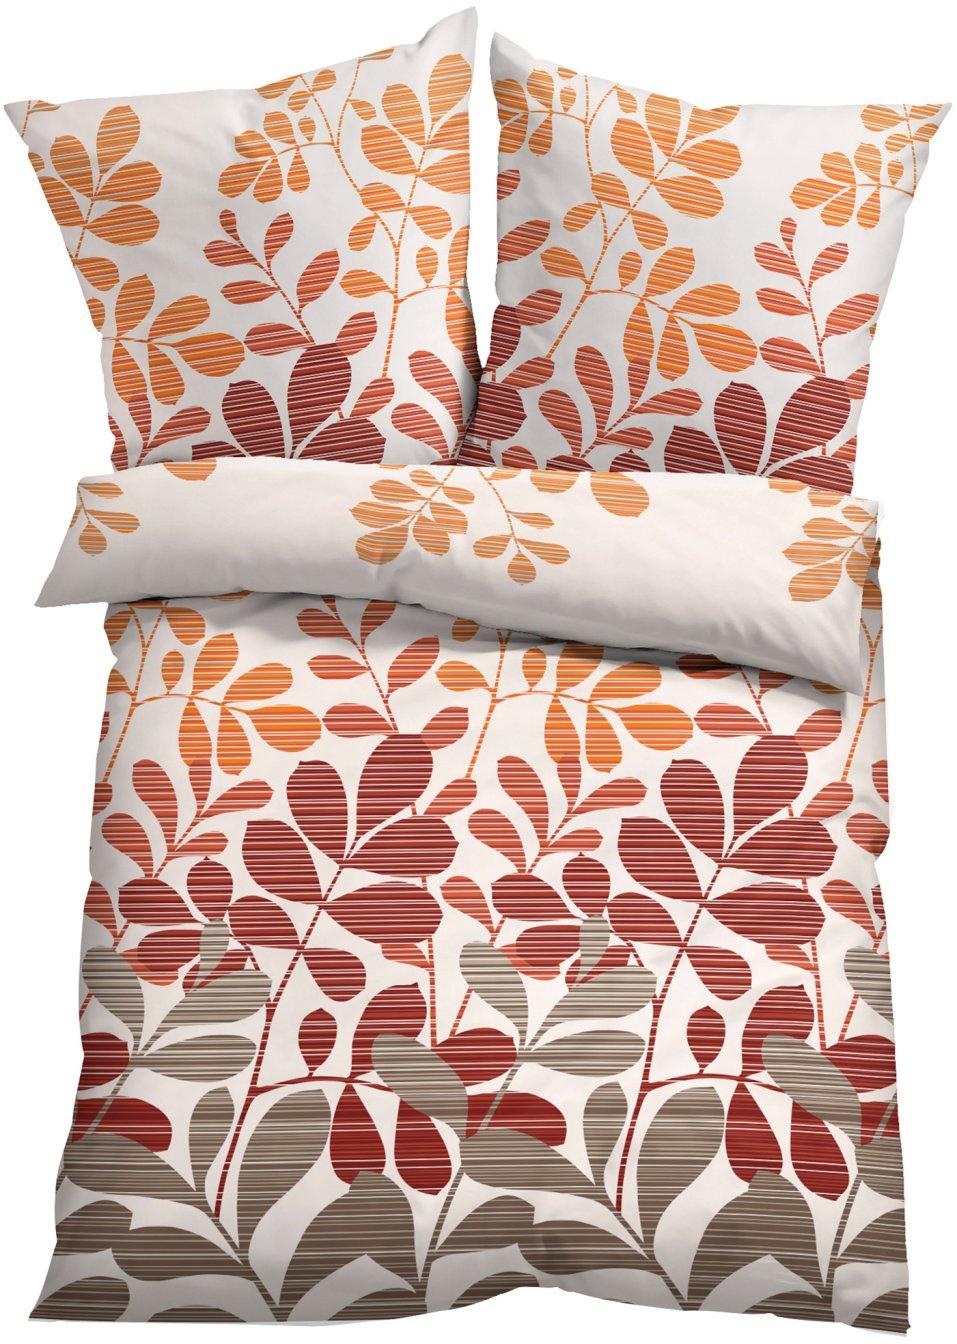 f r ein wohnliches schlafzimmer die bettw sche iris bunt linon. Black Bedroom Furniture Sets. Home Design Ideas